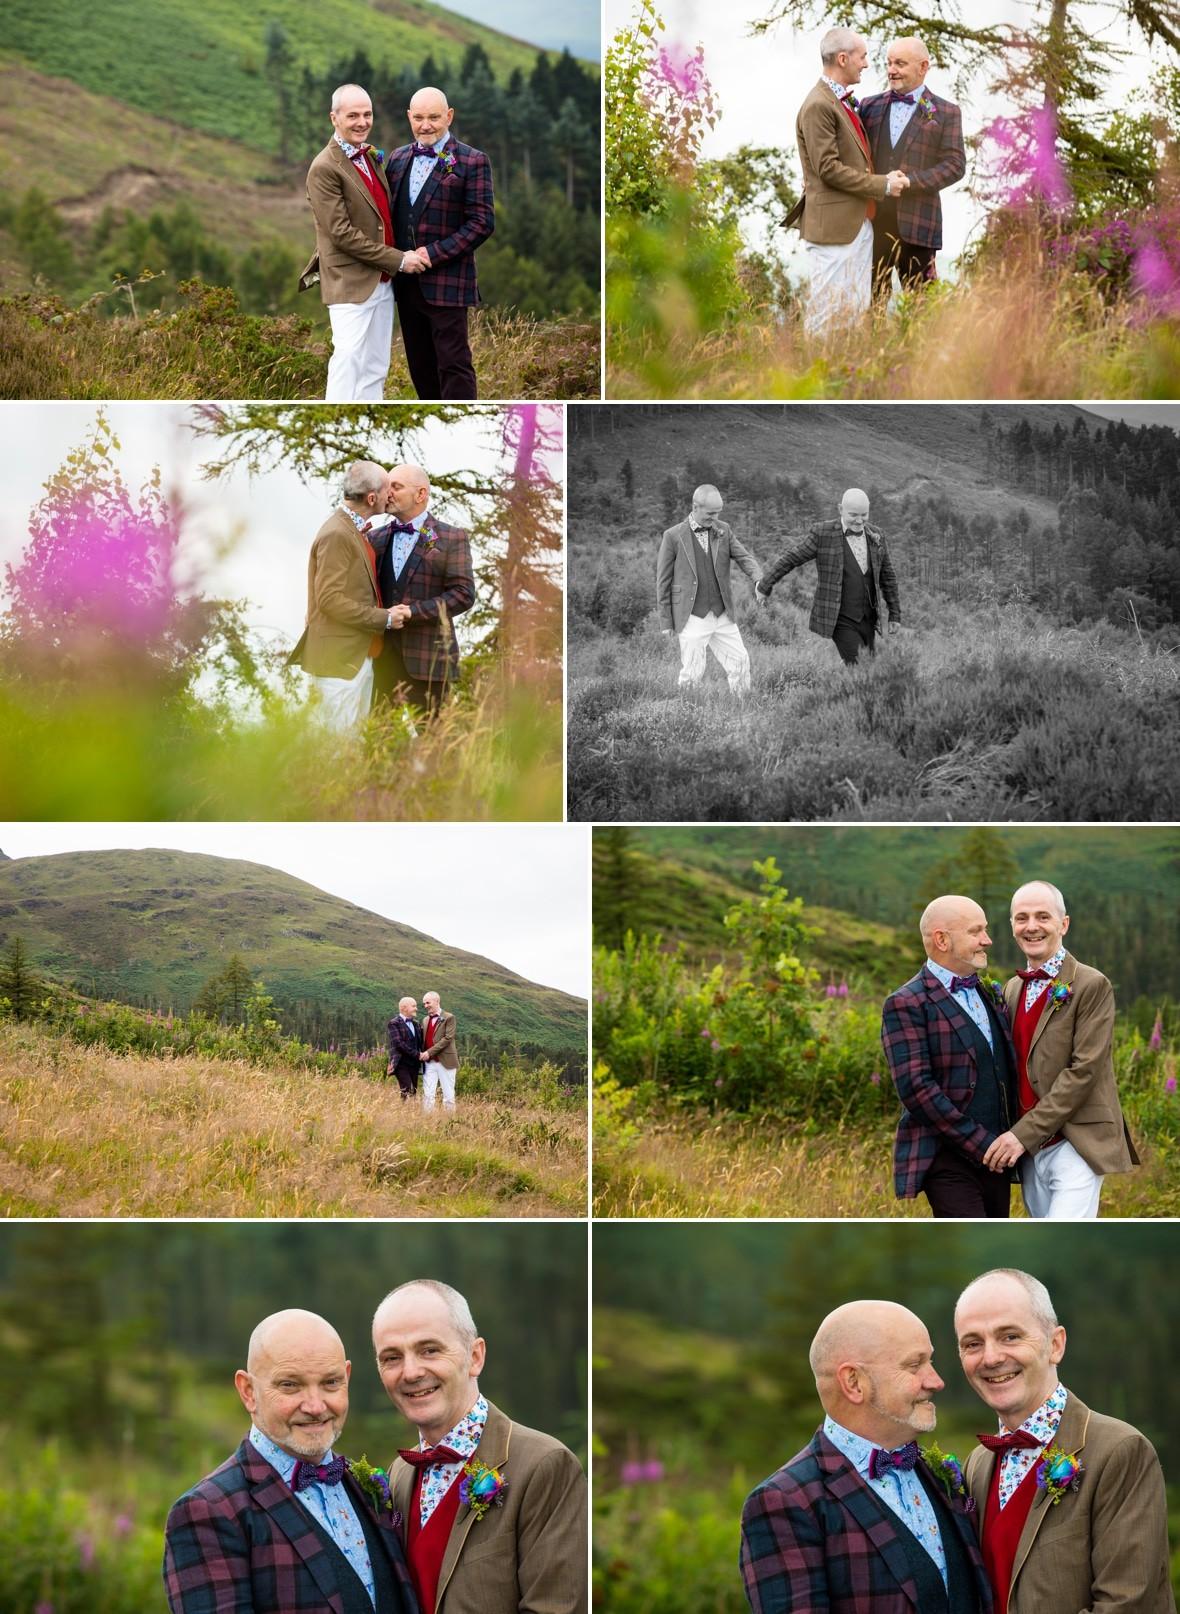 Đám cưới hạnh phúc của cặp đôi đồng tính: Tình yêu chưa bao giờ là muộn khi tìm được người đàn ông của đời mình - Ảnh 8.